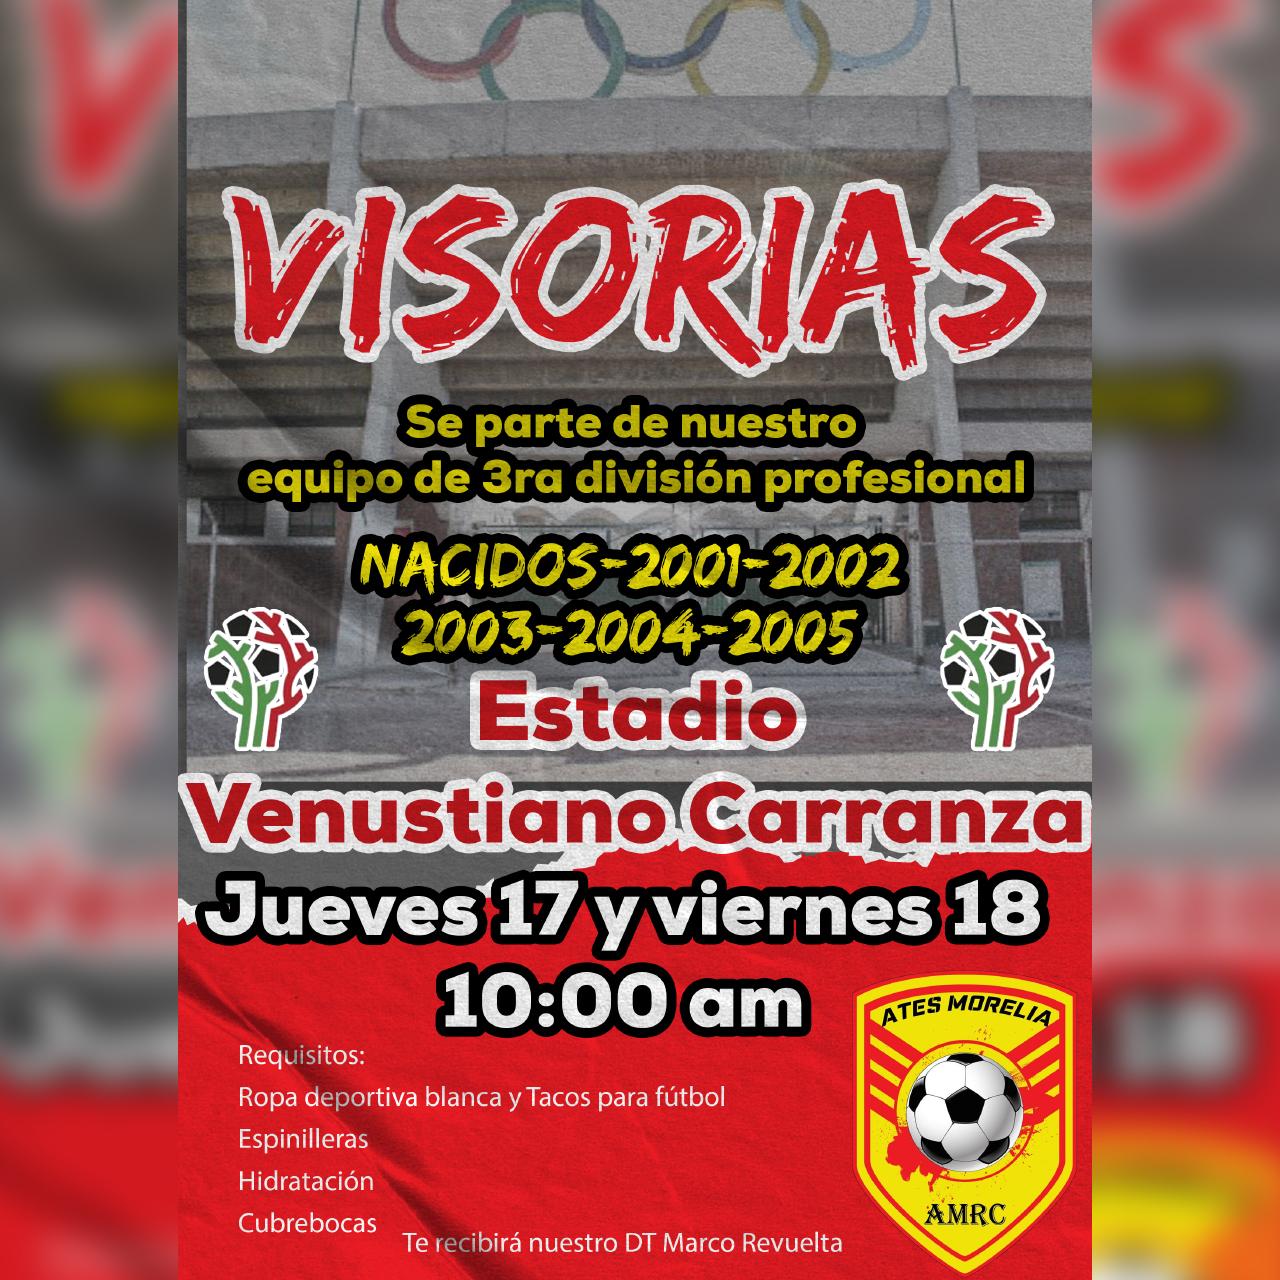 El histórico y Olímpico Estadio Venustiano Carranza recibe a los Ates Morelia AMRC